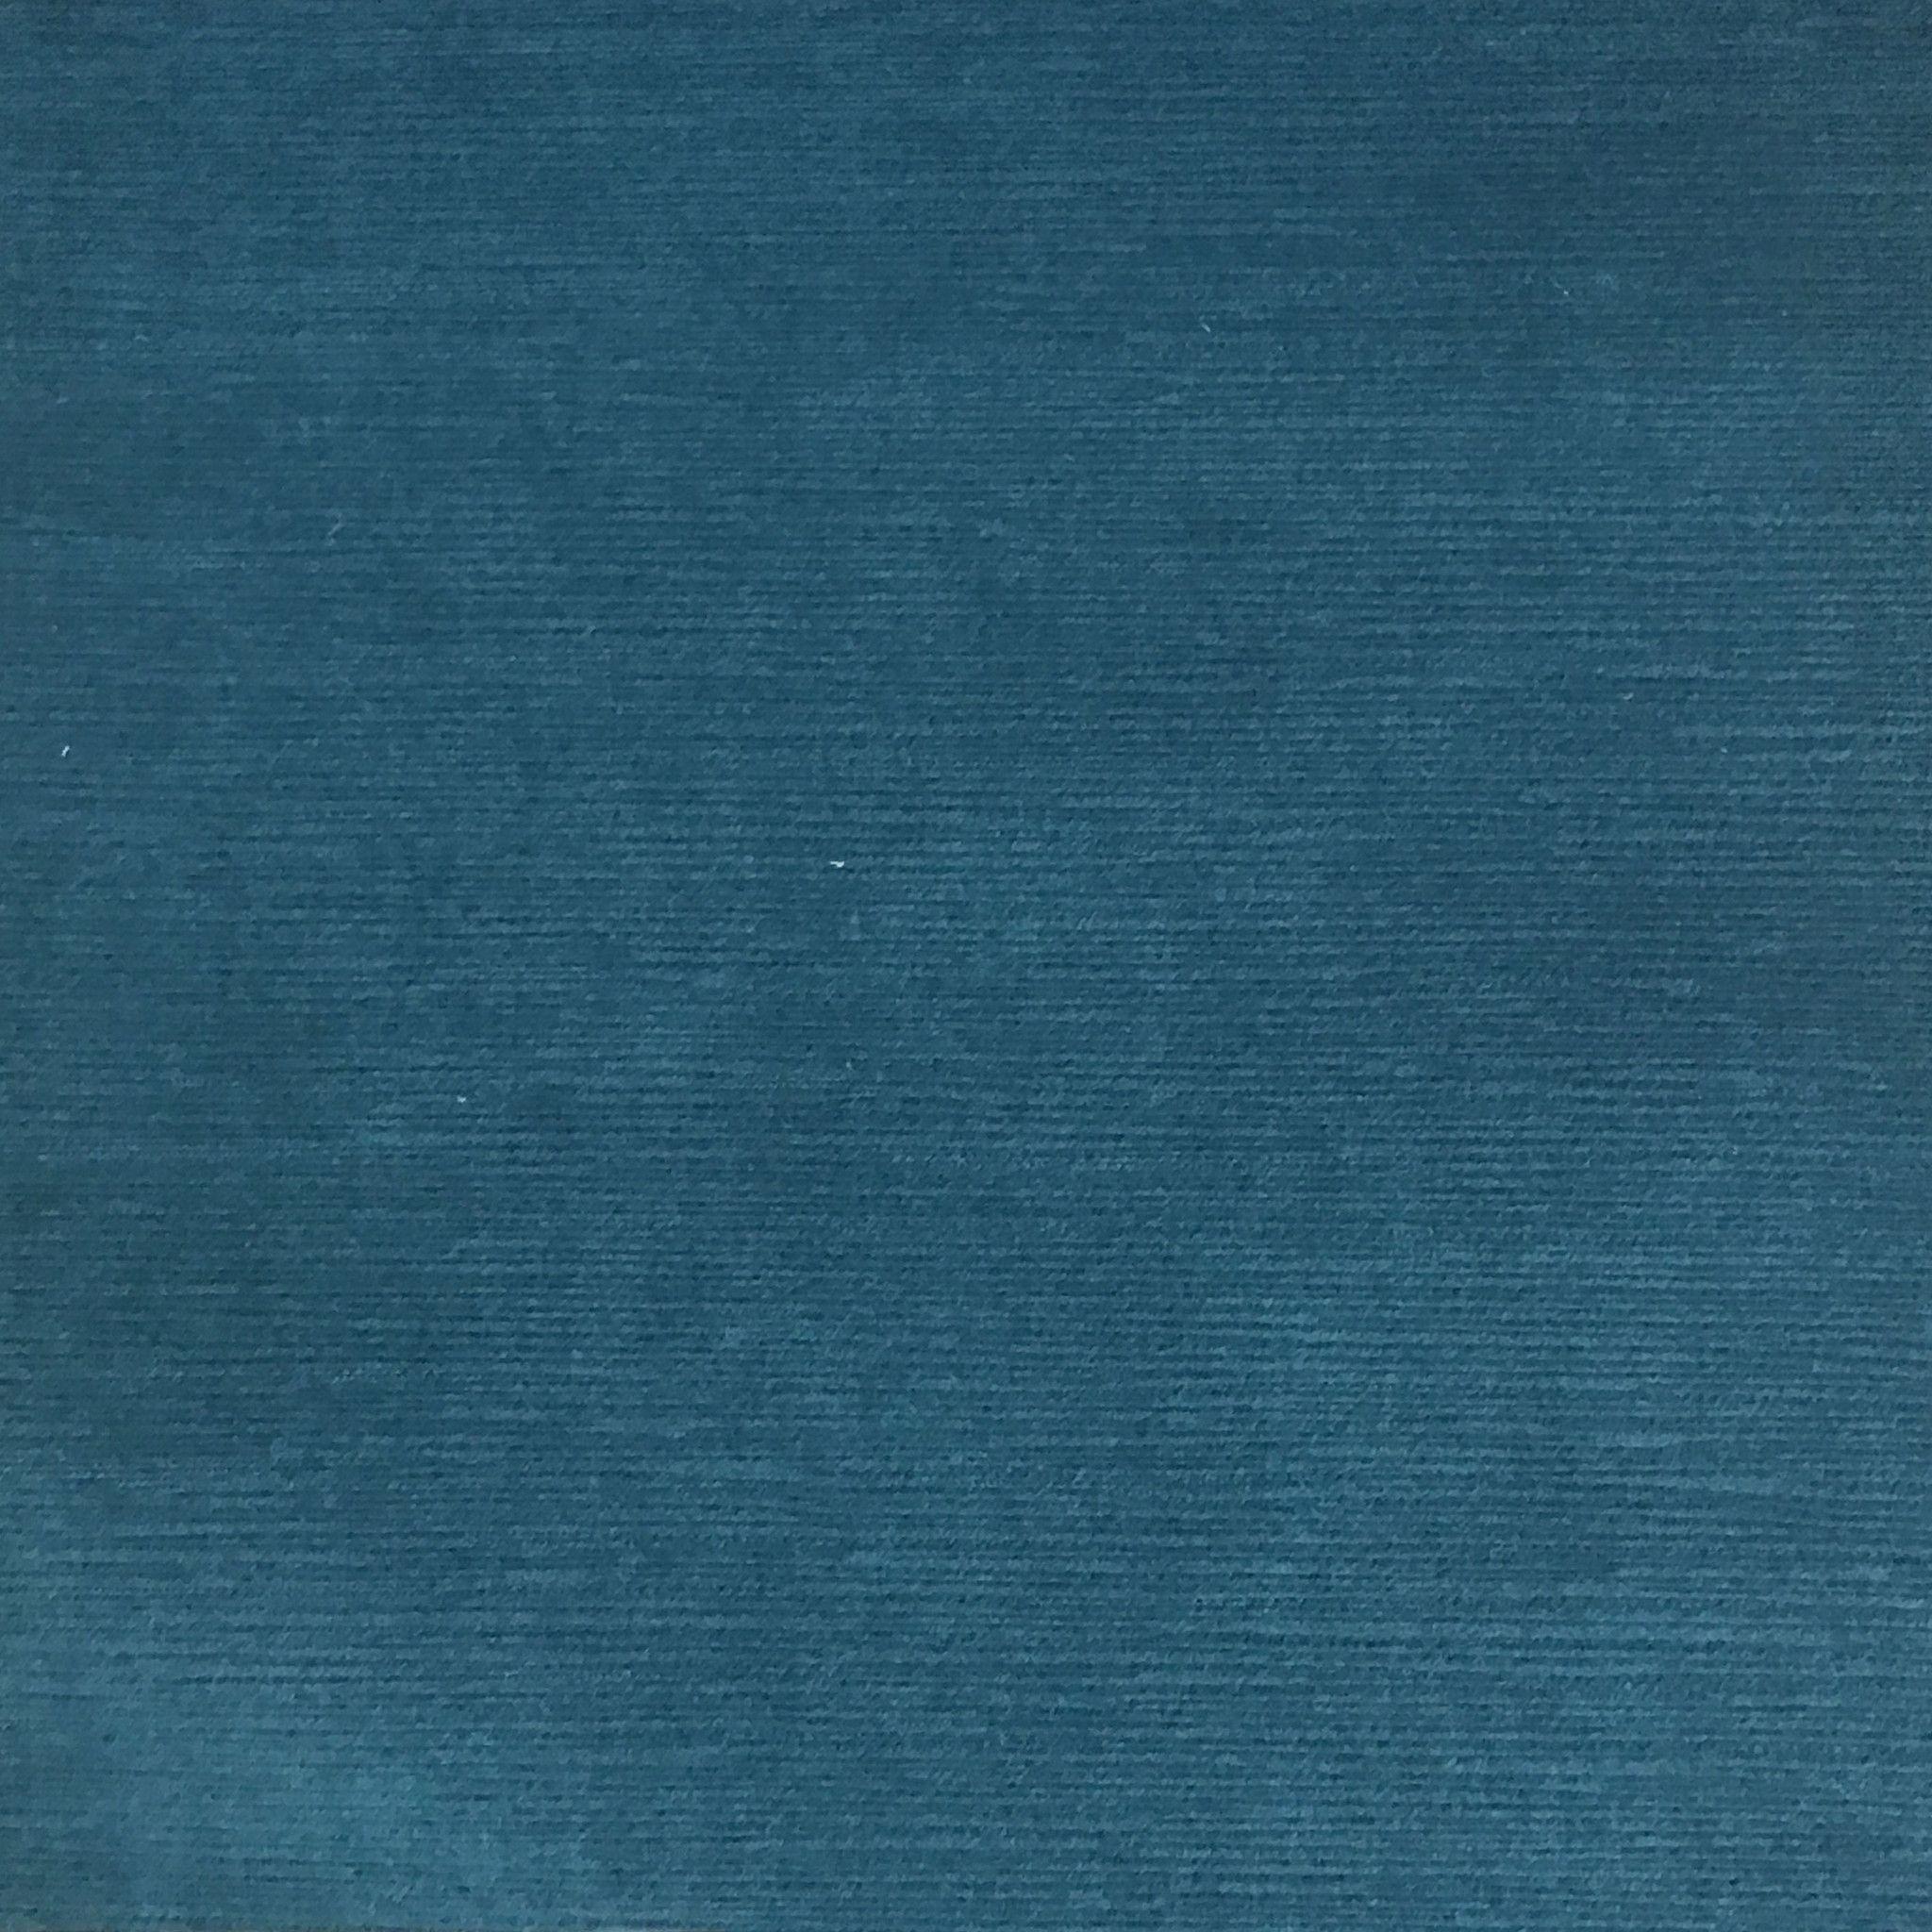 Pond Strie Textured Microfiber Slubbed Velvet Upholstery Fabric